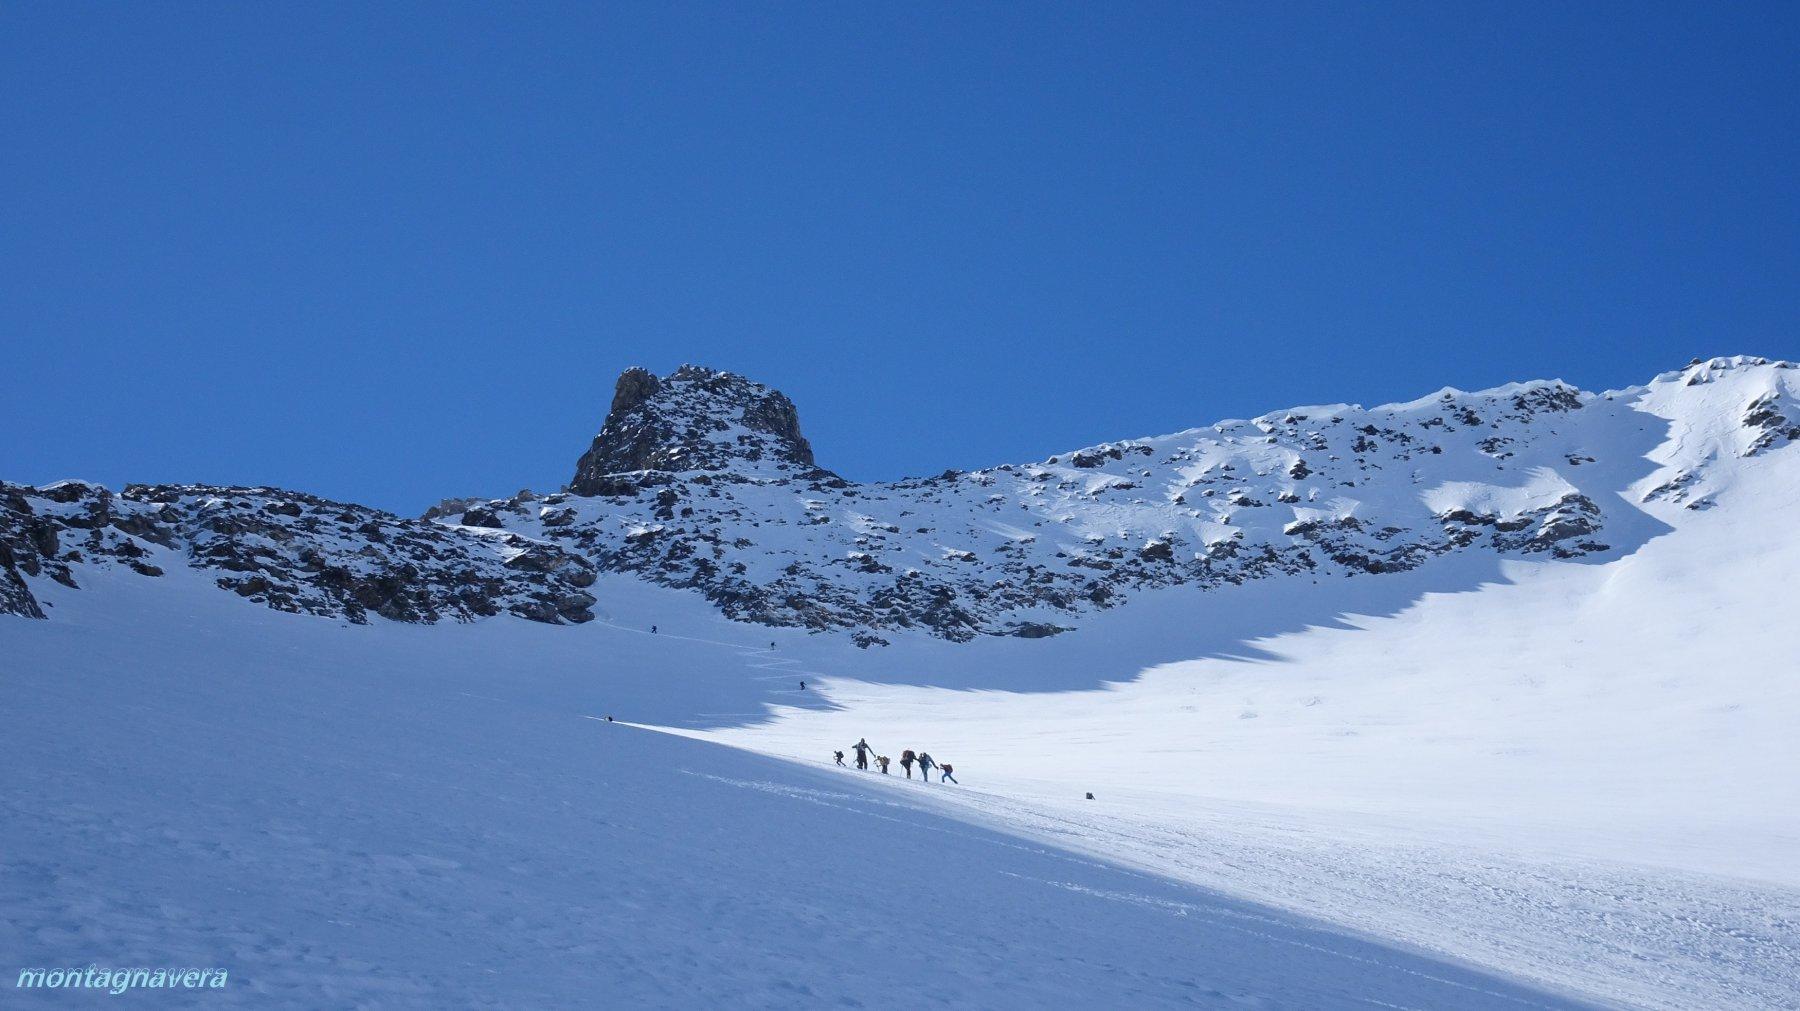 verso il passaggio sul colle oltre i 3000m sotto la cima